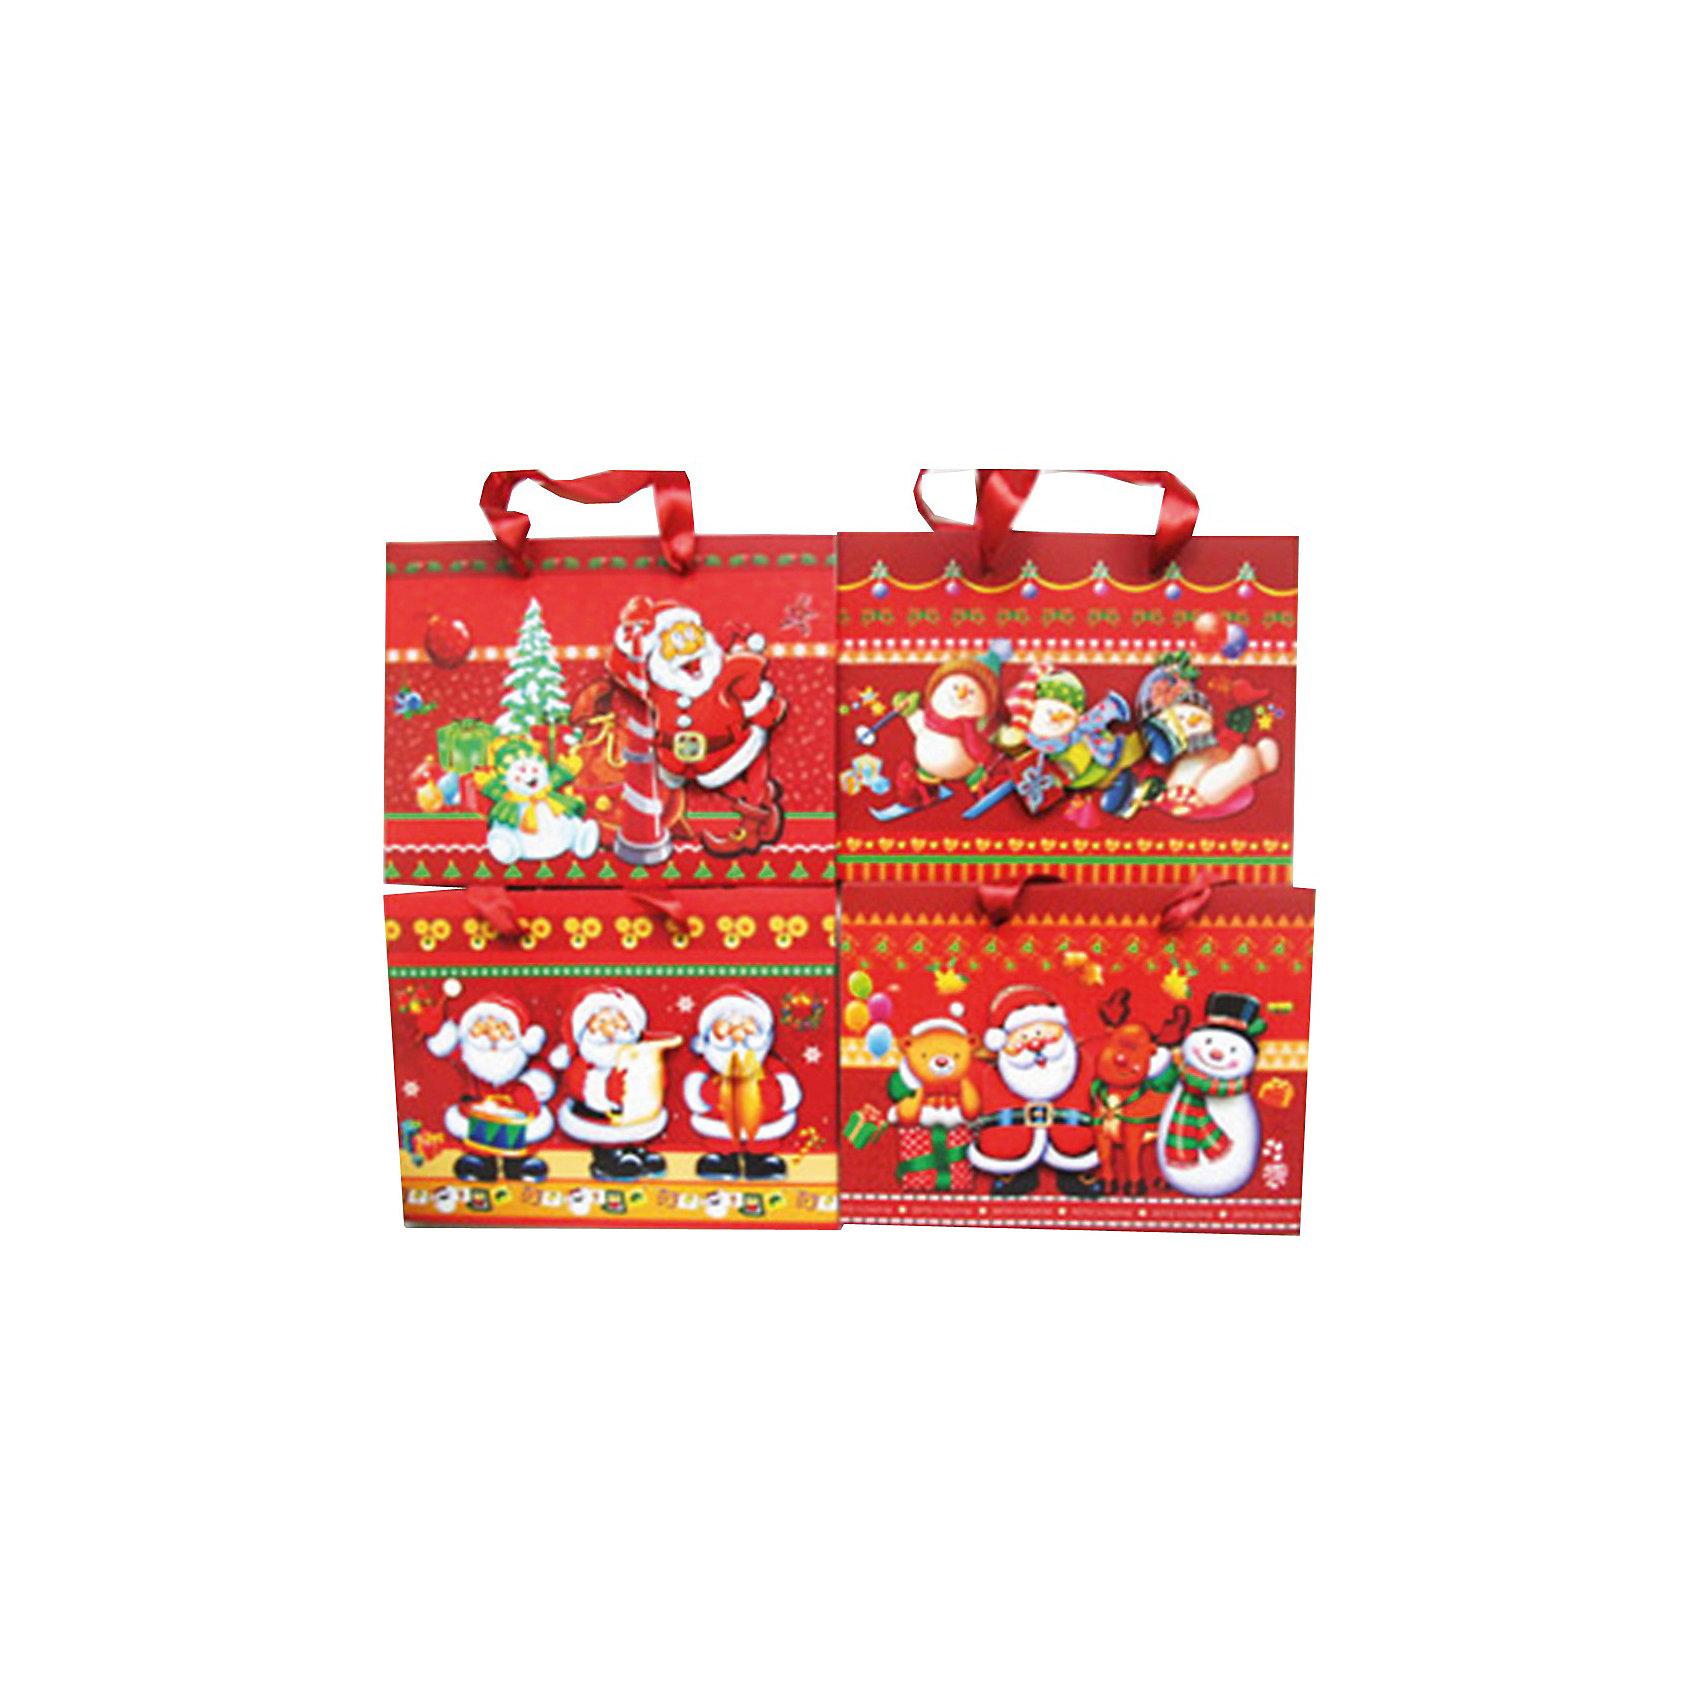 Подарочный пакет 36 х 14 х 26 смПодарочный пакет, Волшебная страна поможет Вам красиво оформить новогодний подарок для своих родных и друзей. Красочный пакет нарядно украшен узорами и<br>изображениями новогодних персонажей.<br><br>Дополнительная информация:<br><br>- Размер: 36 х 14 х 26 см.<br>- Вес: 114 гр. <br><br>Подарочный пакет, Волшебная страна можно купить в нашем интернет-магазине.<br><br>Ширина мм: 550<br>Глубина мм: 140<br>Высота мм: 260<br>Вес г: 114<br>Возраст от месяцев: 60<br>Возраст до месяцев: 180<br>Пол: Унисекс<br>Возраст: Детский<br>SKU: 3791460